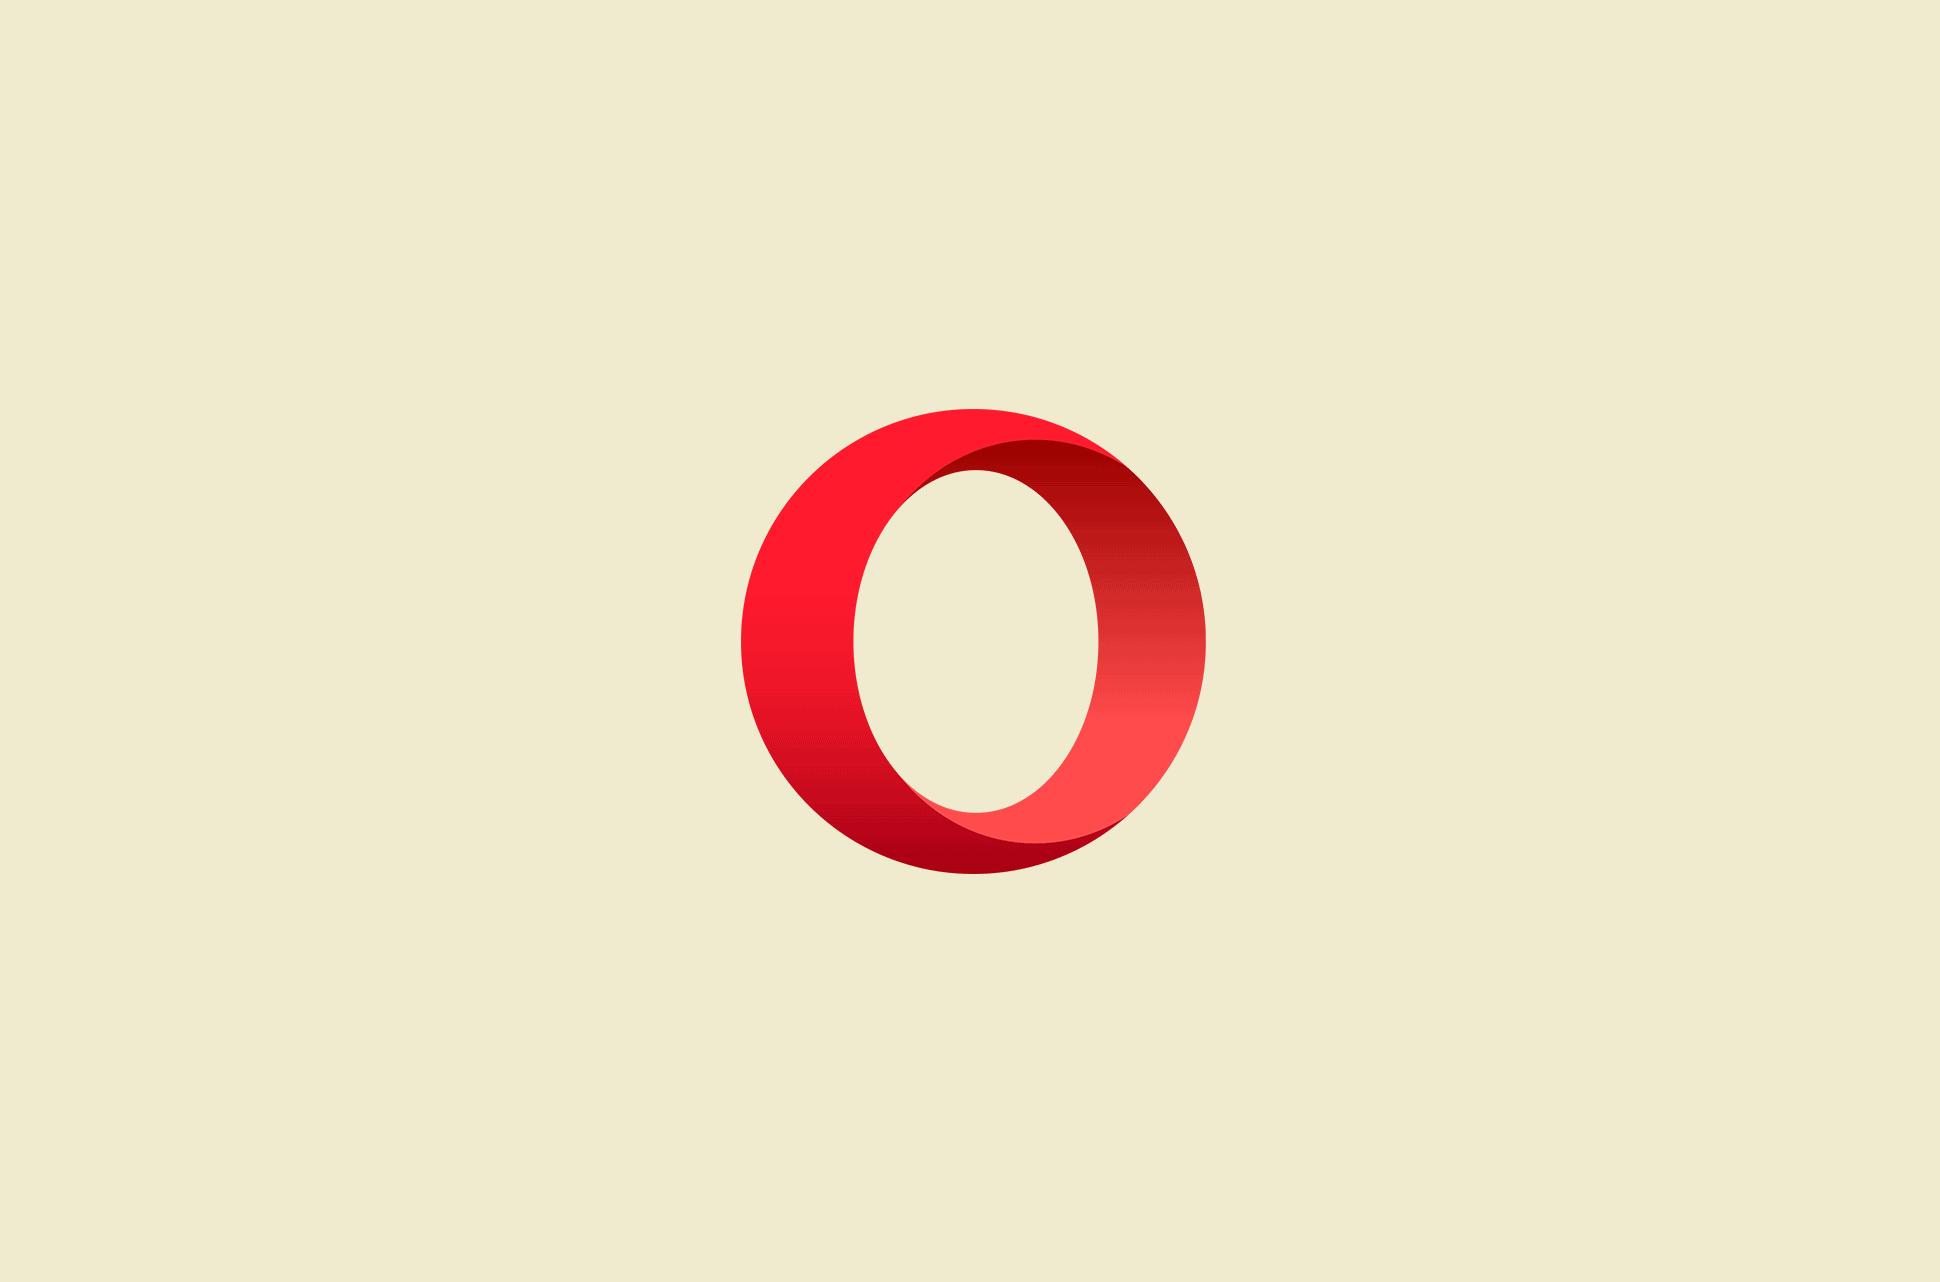 Opera browser logo.